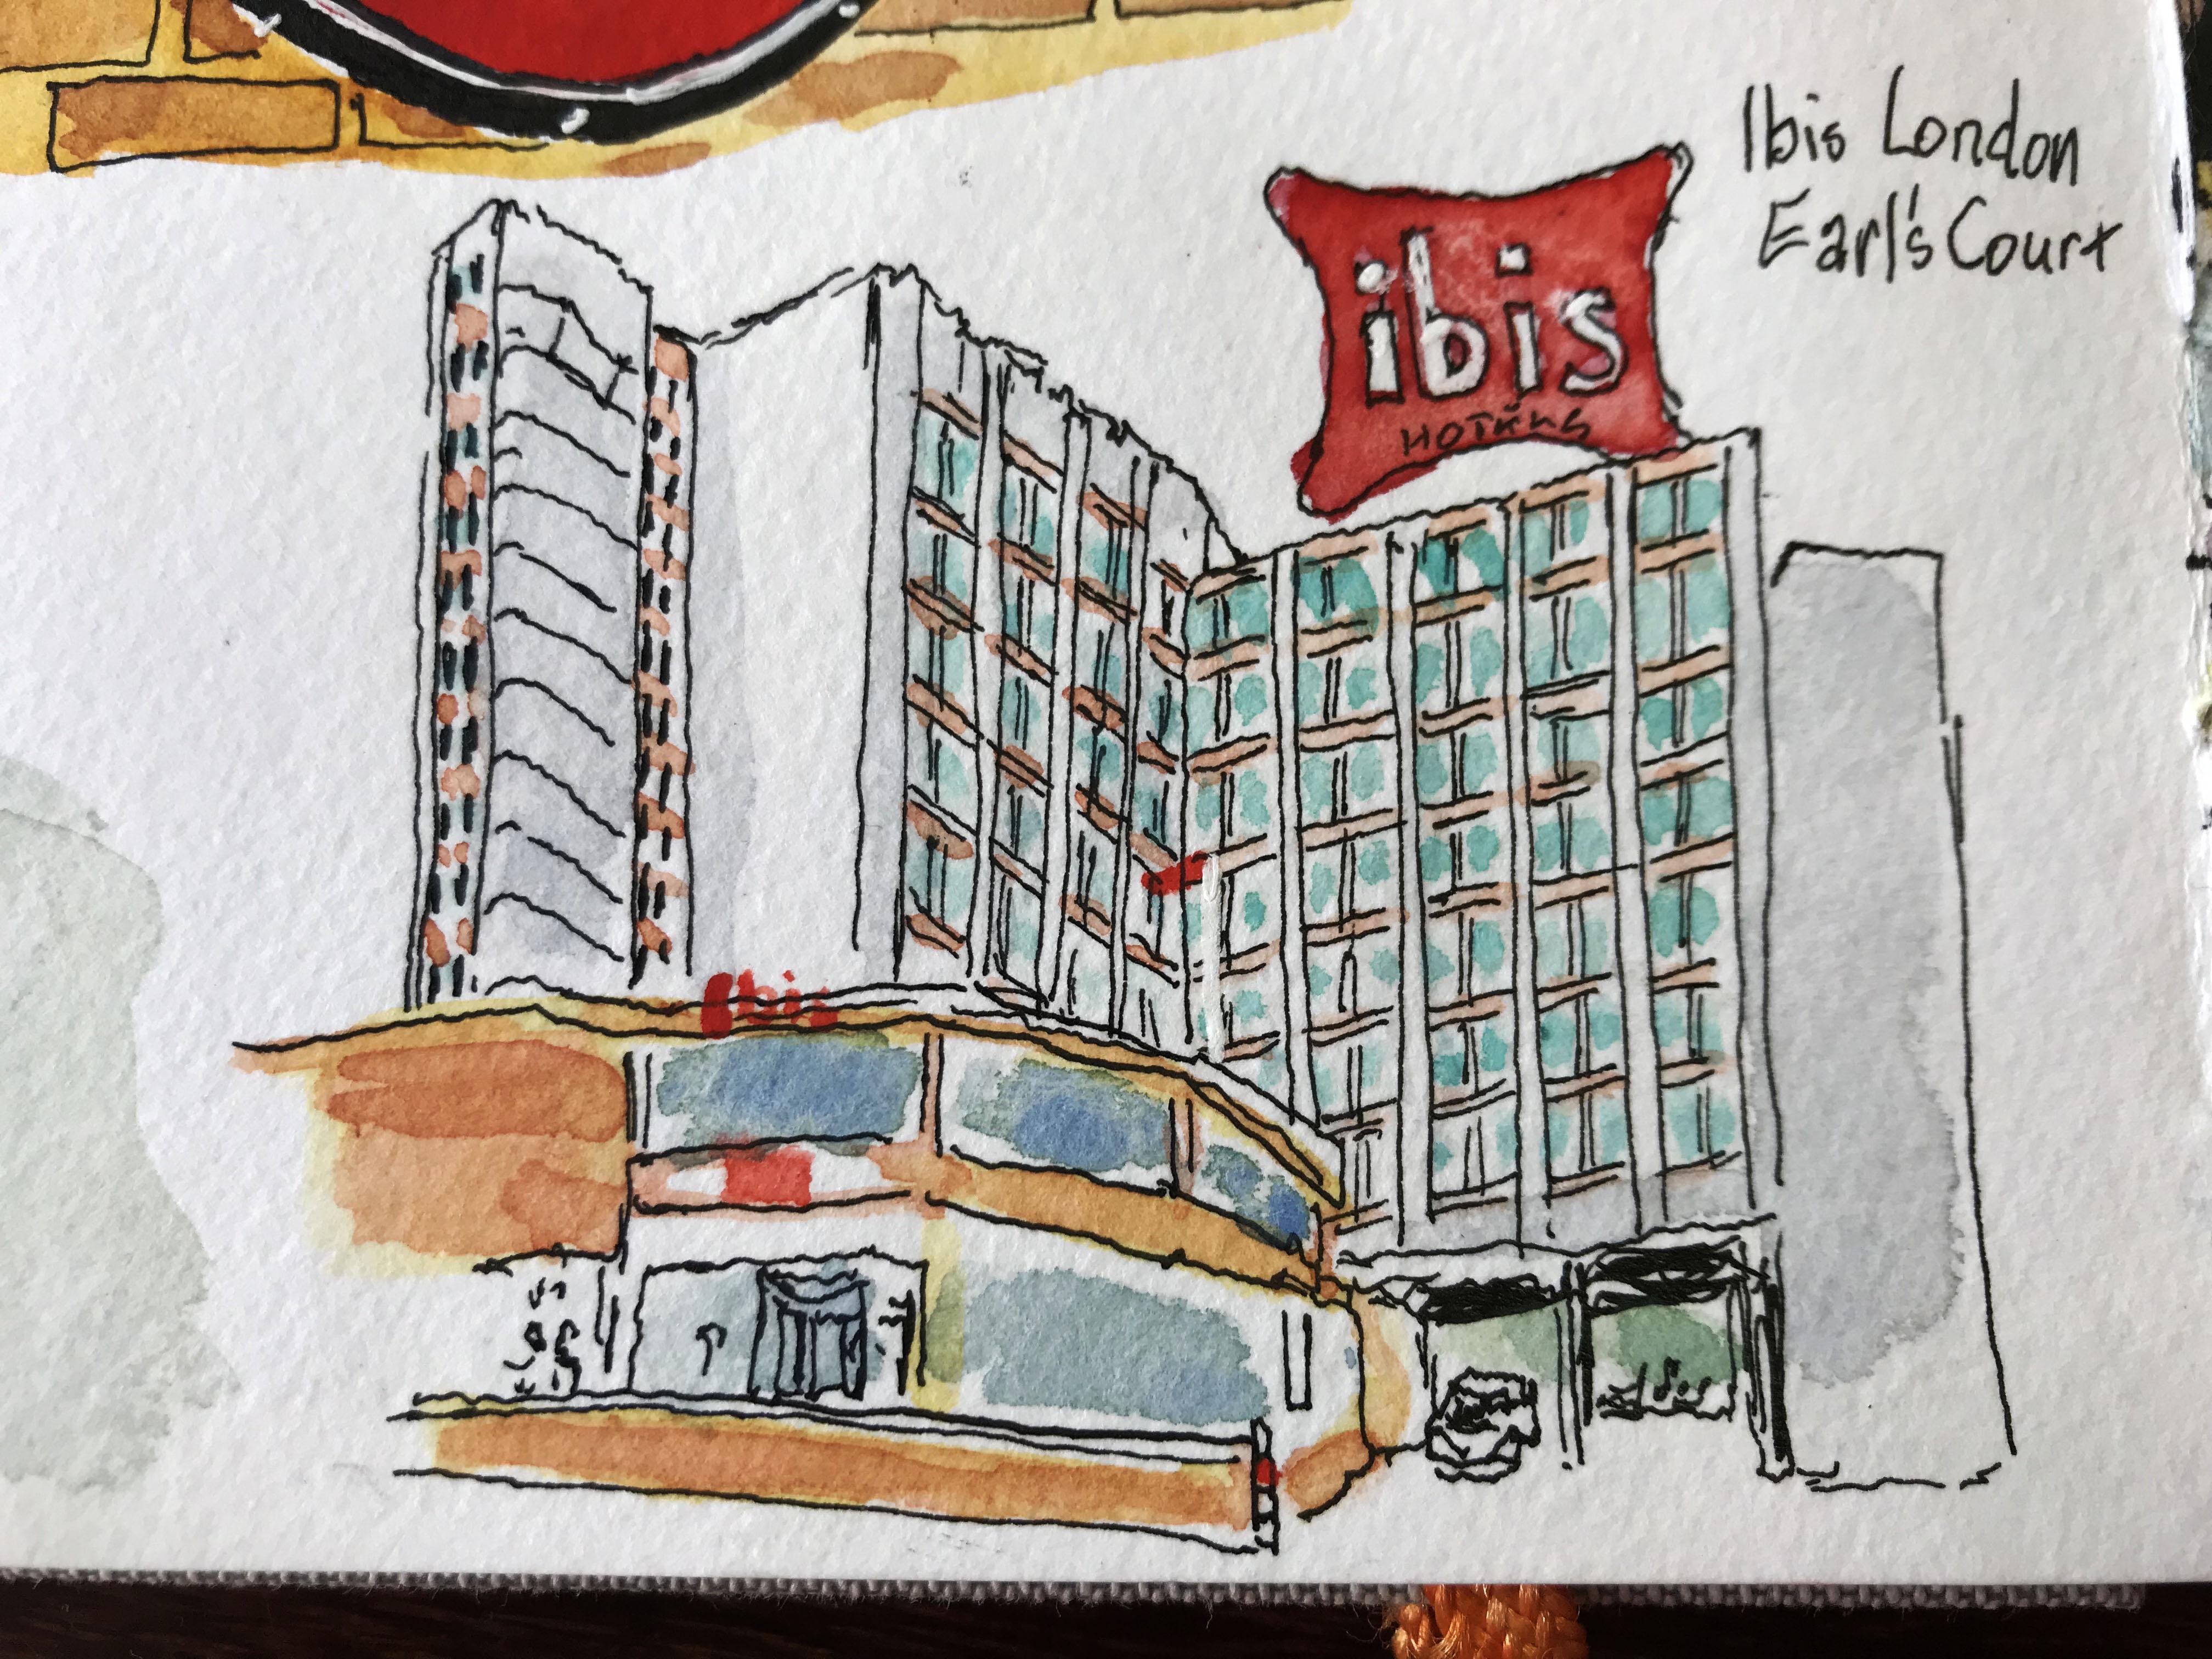 ibis hotel earlscrt.jpg